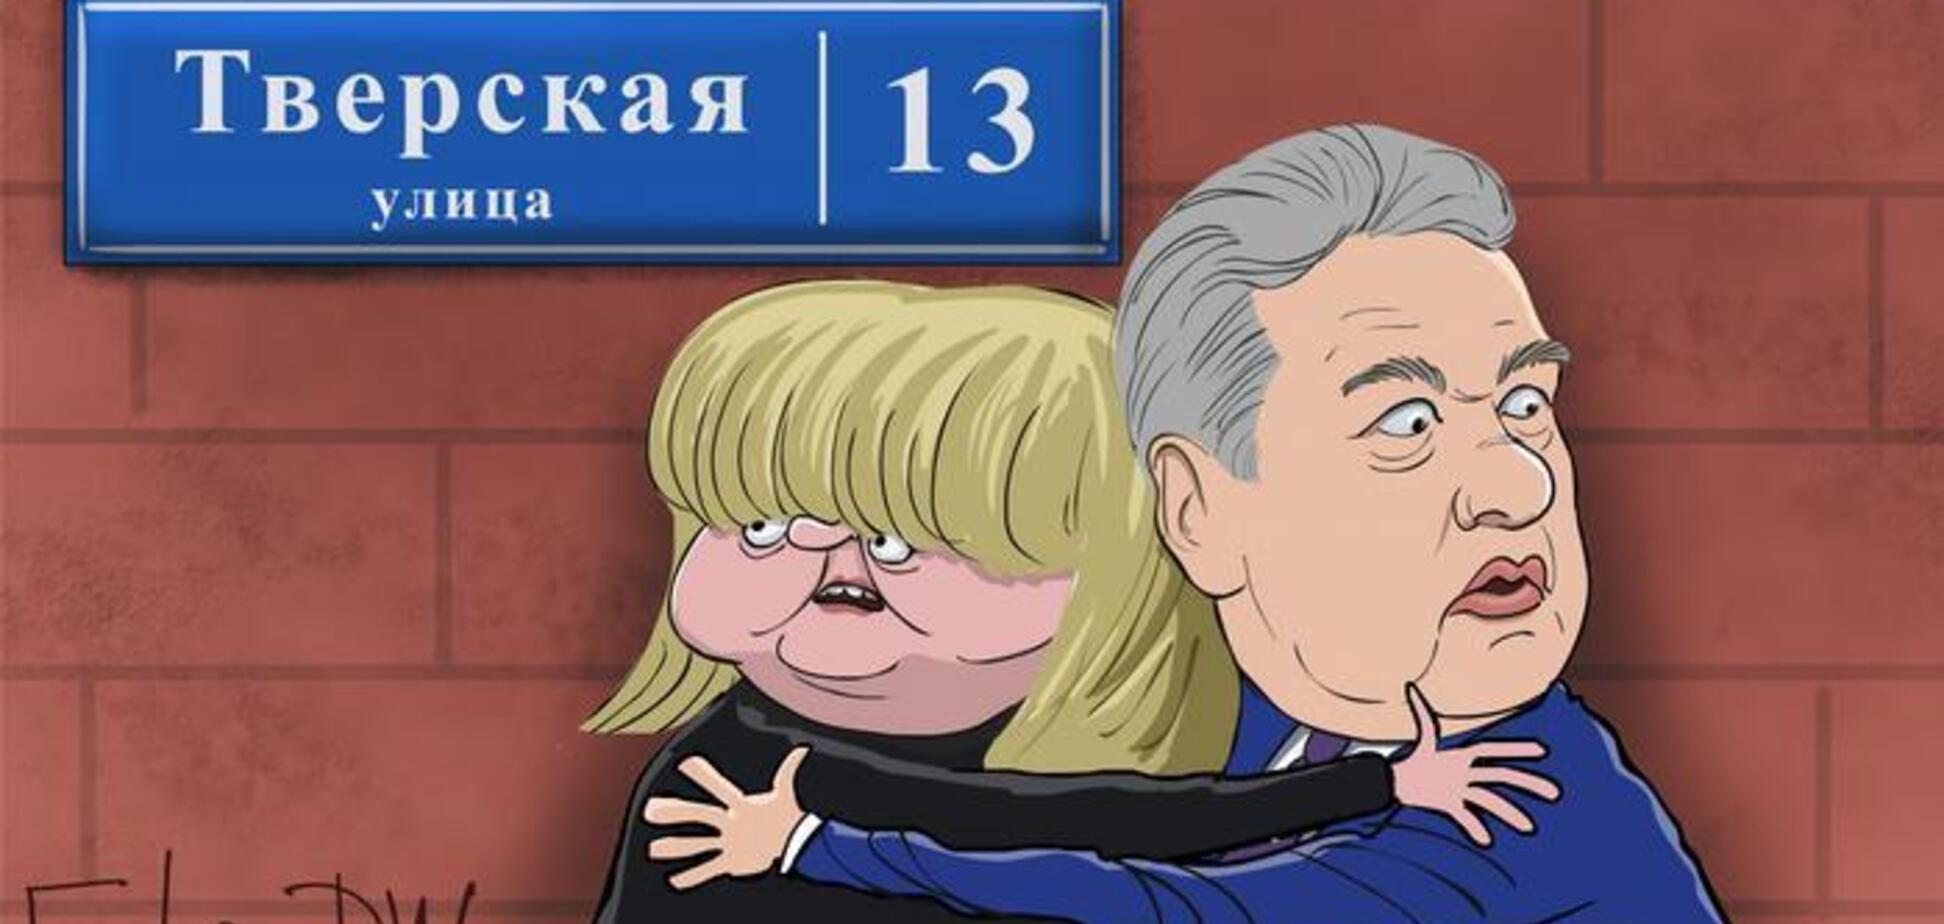 Понаехавшие решают судьбу Москвы